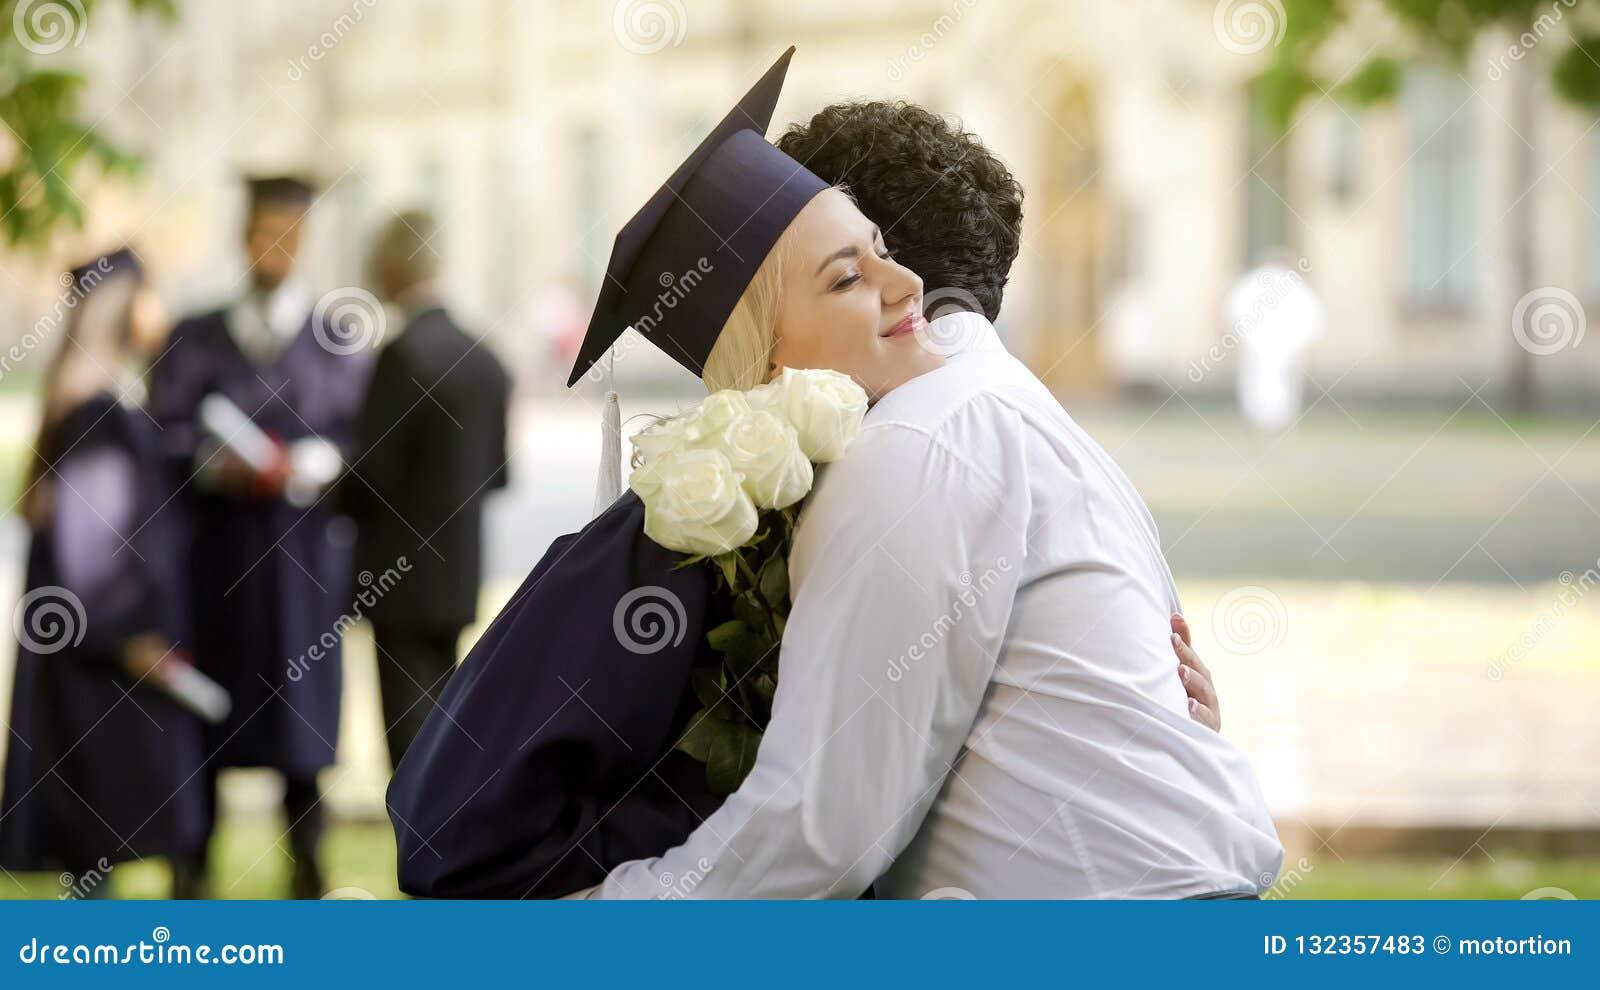 fbe42e4d1 Novio que da a flores el suyo la novia del graduado y que abraza la ocasión